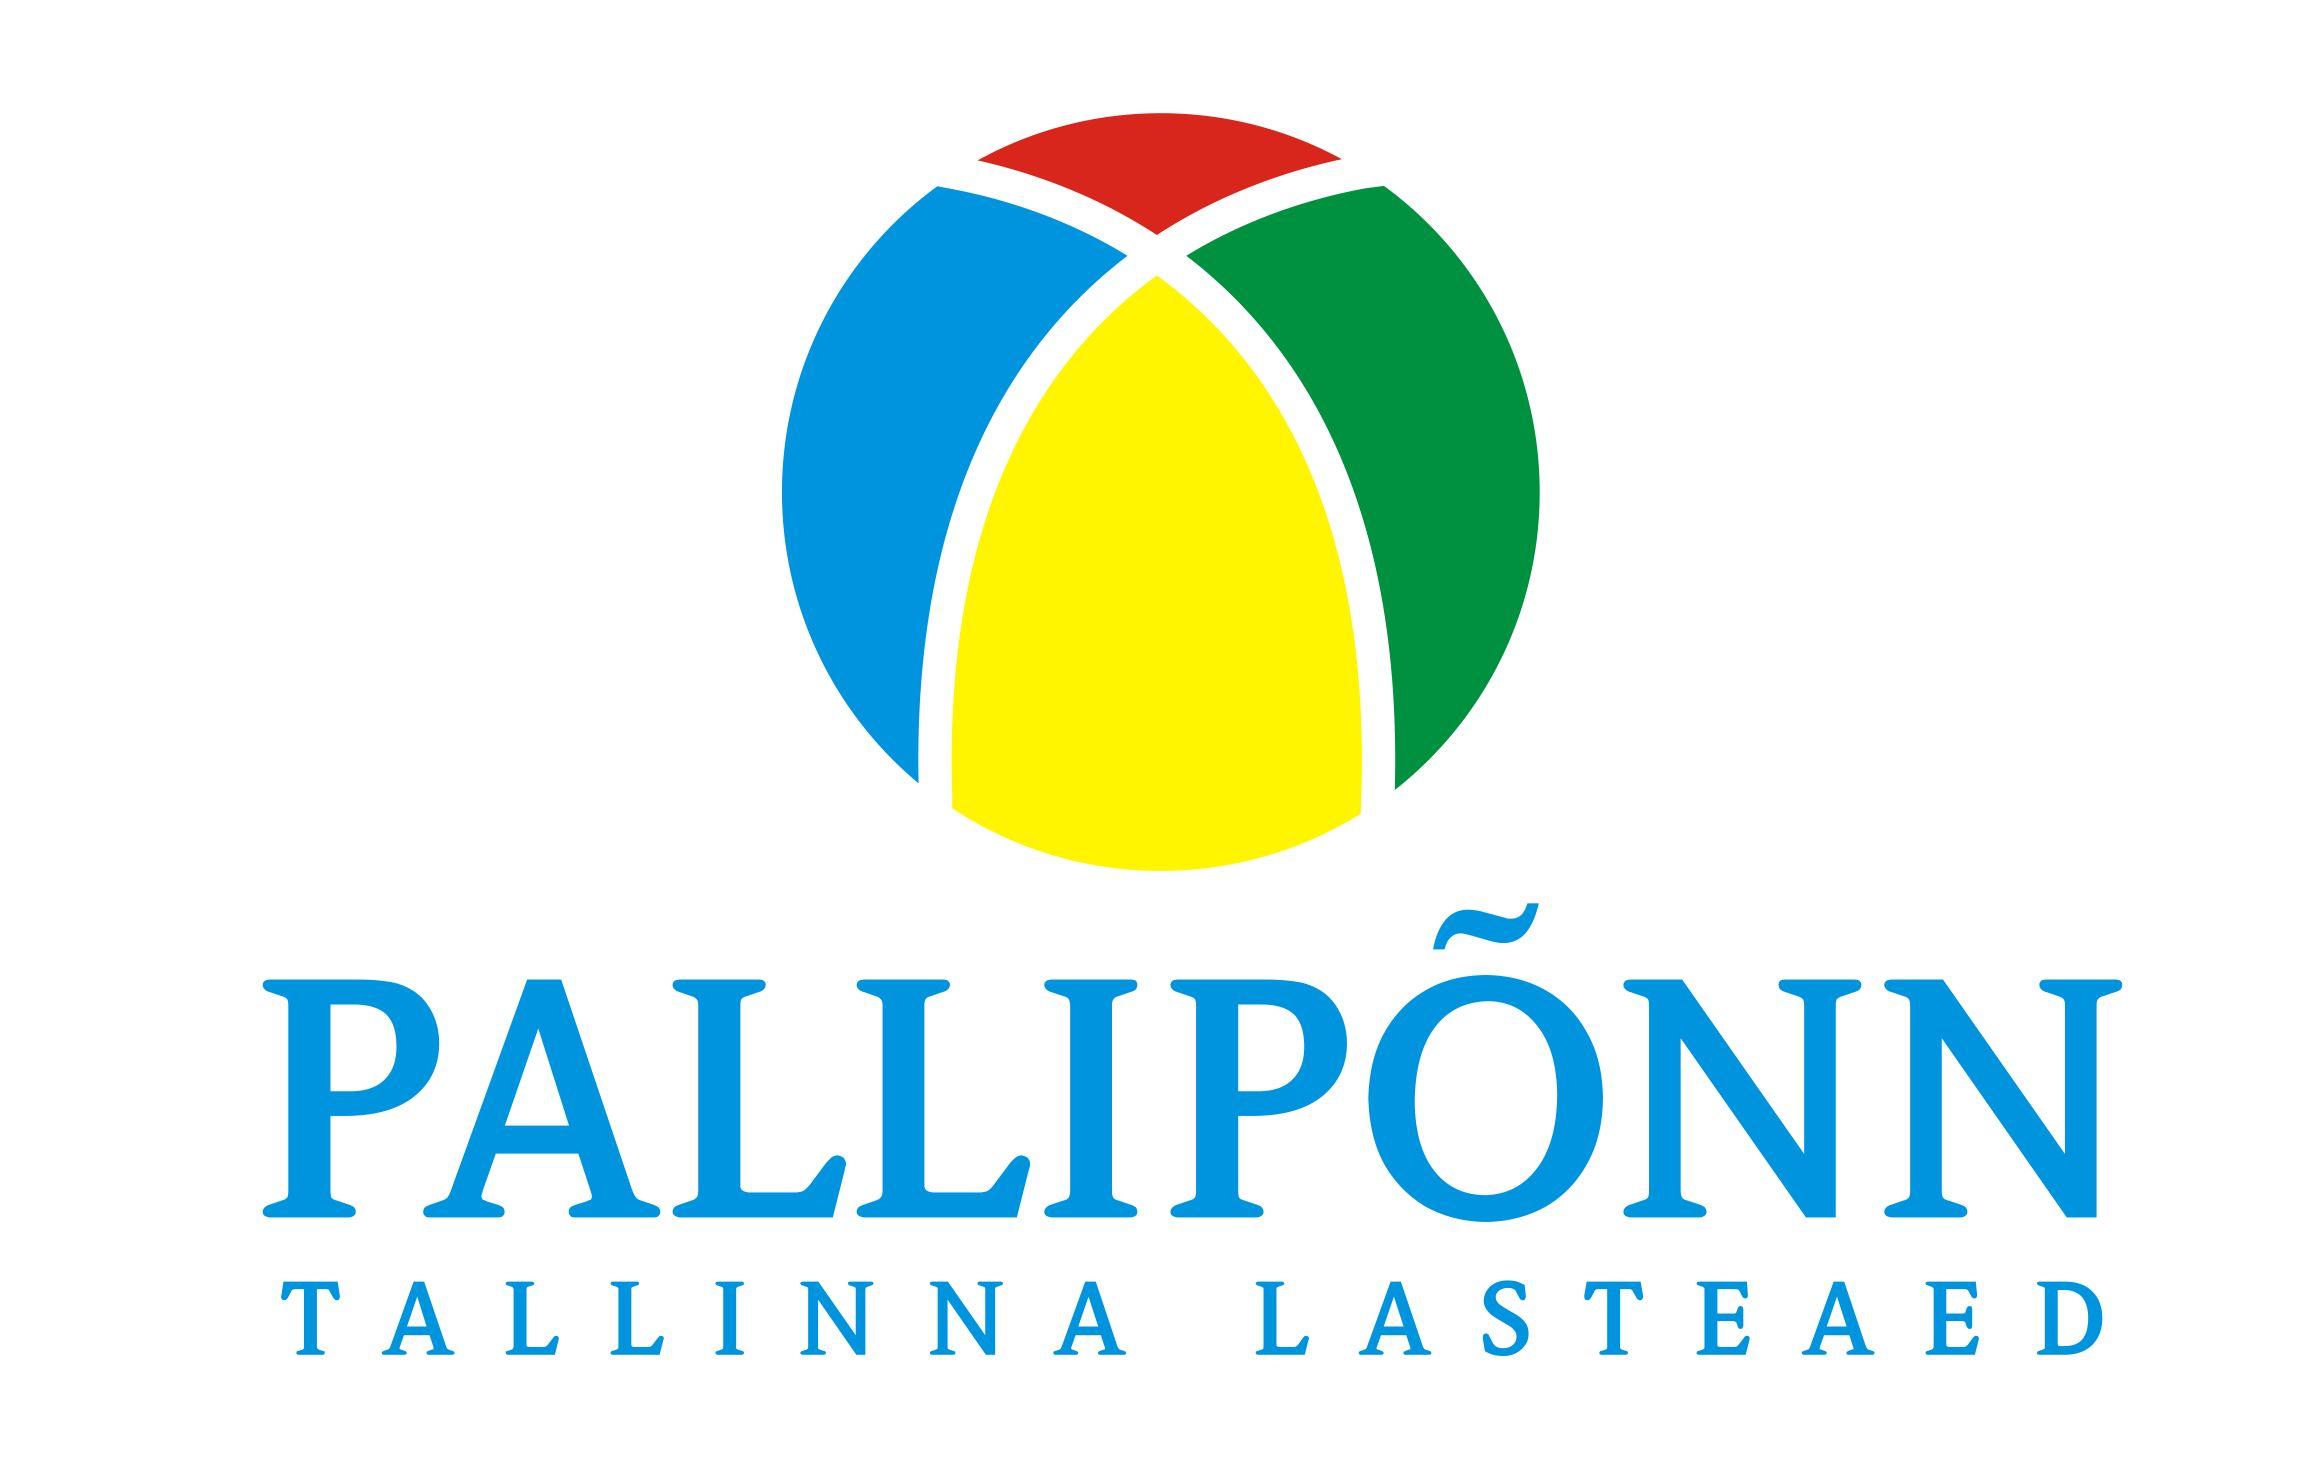 palliponni-uus-logo.jpg